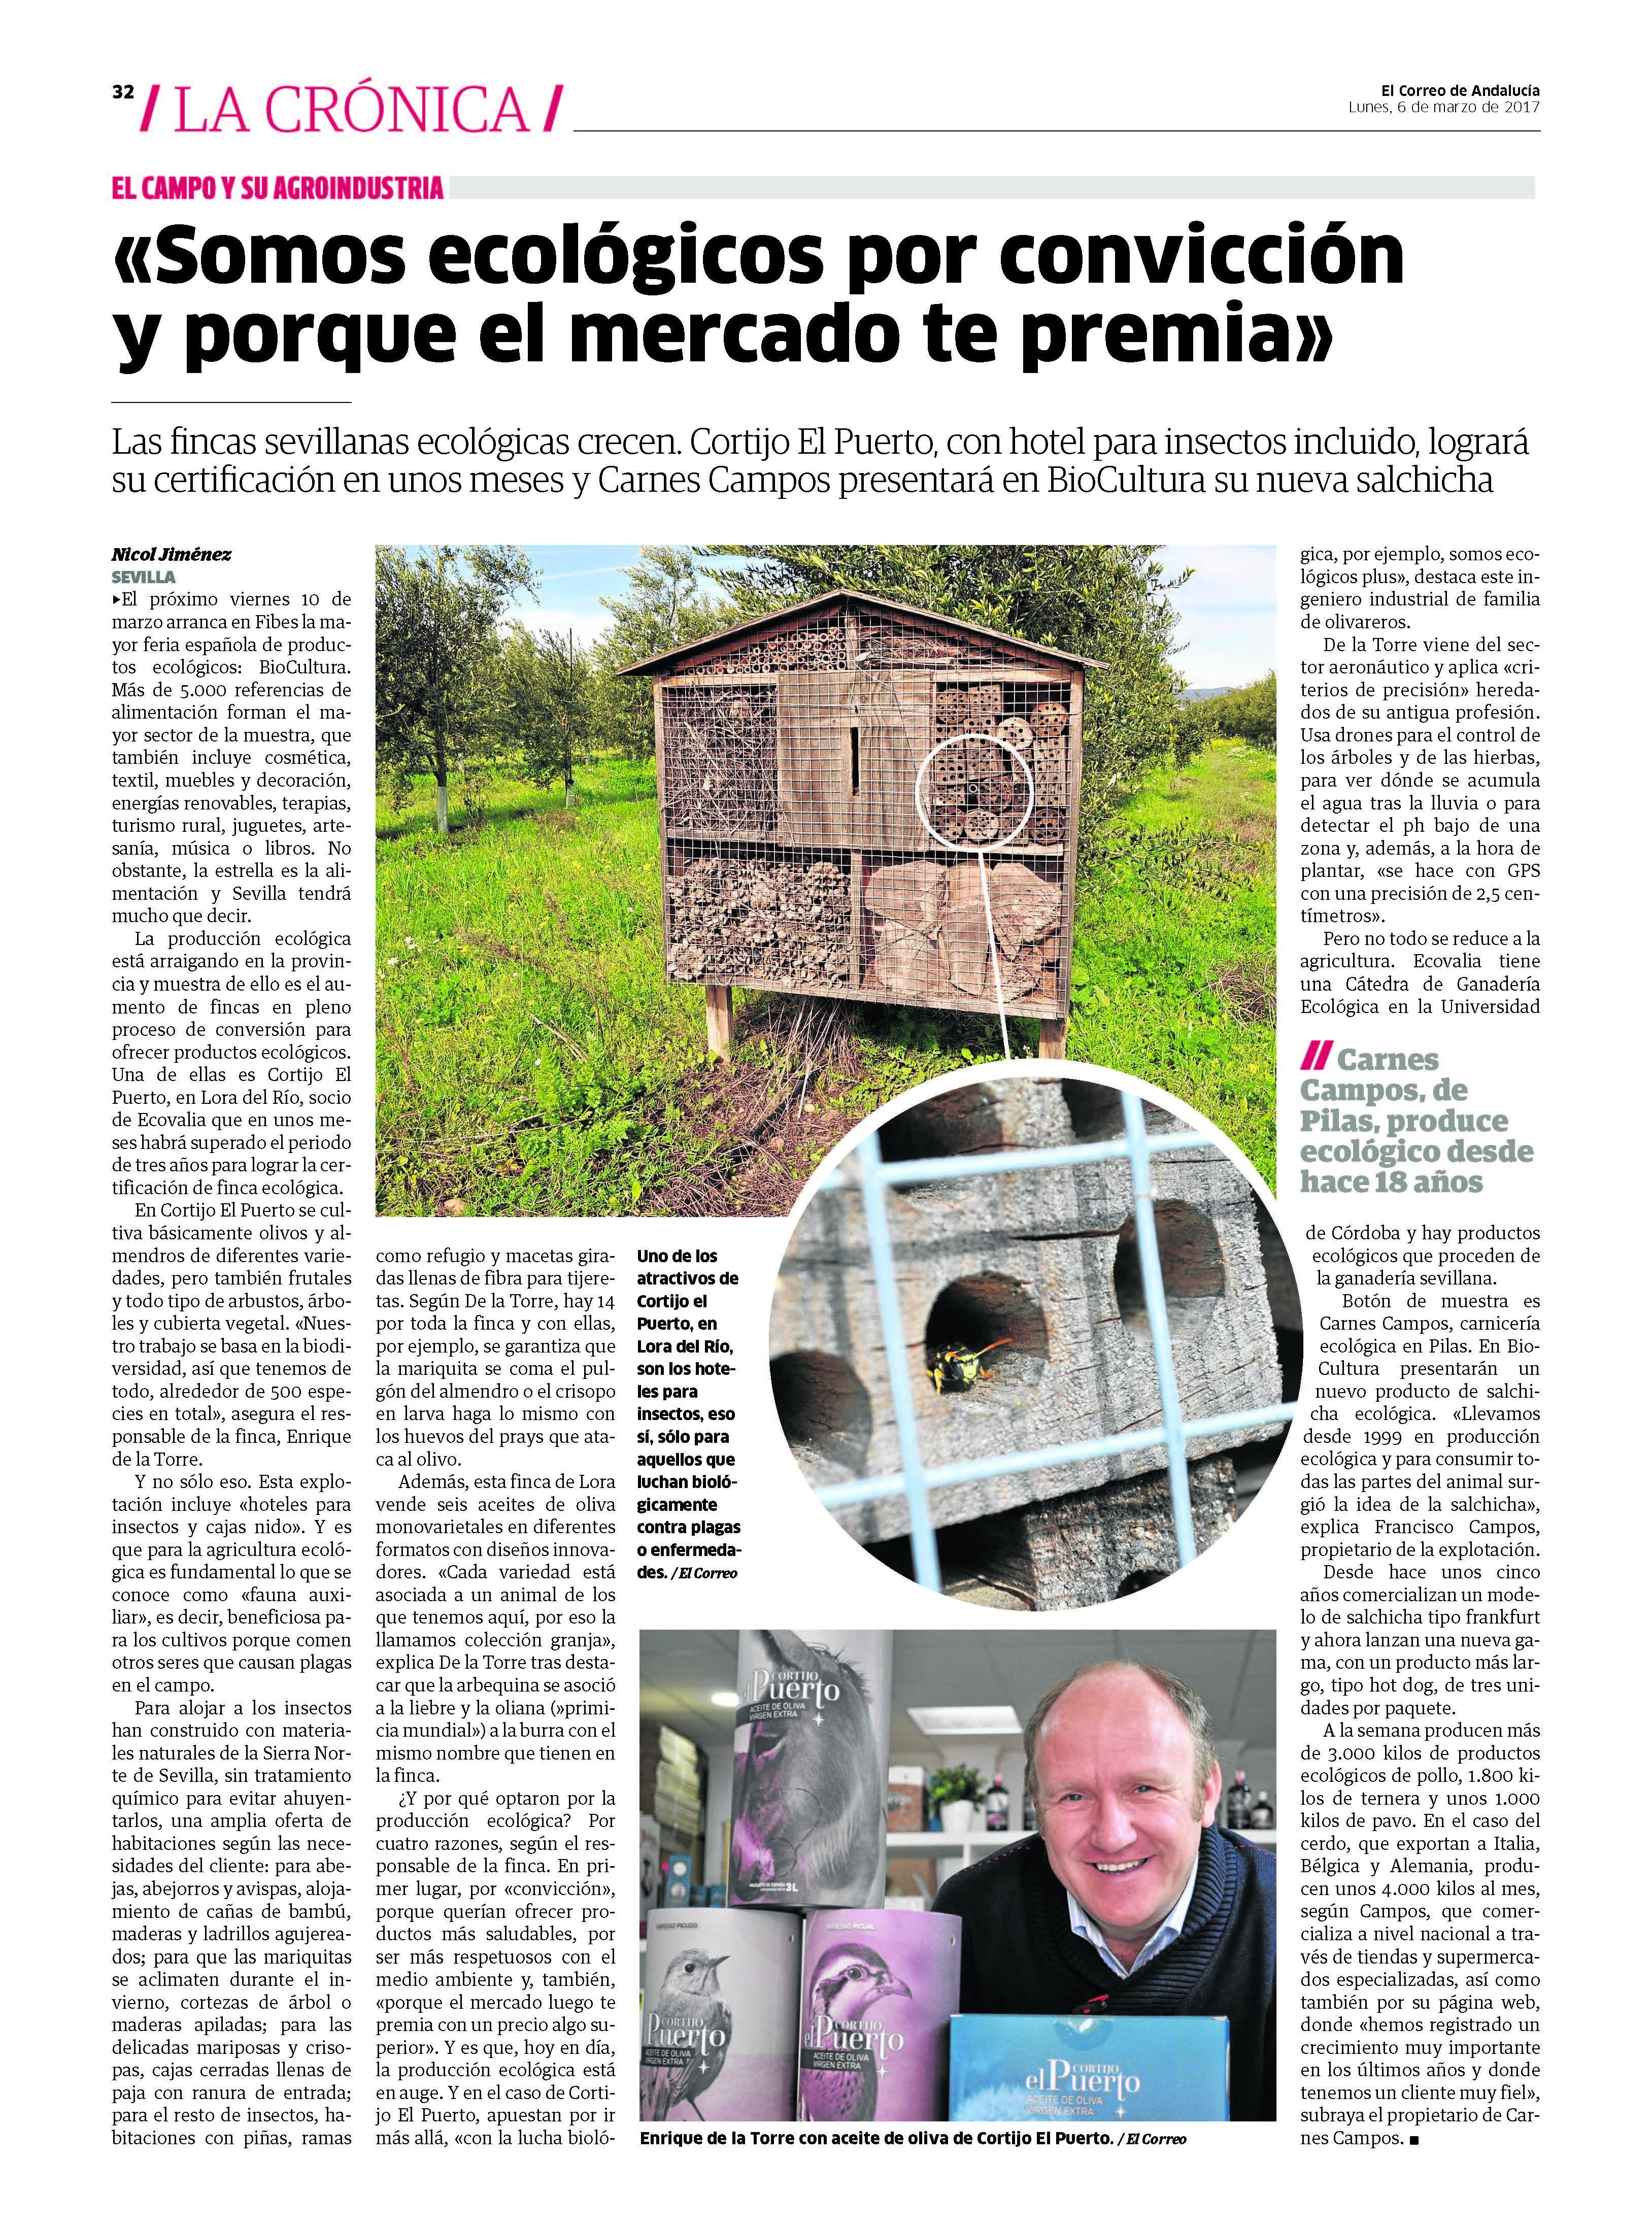 06.03.2017 El Correo de Andalucía_Página_32